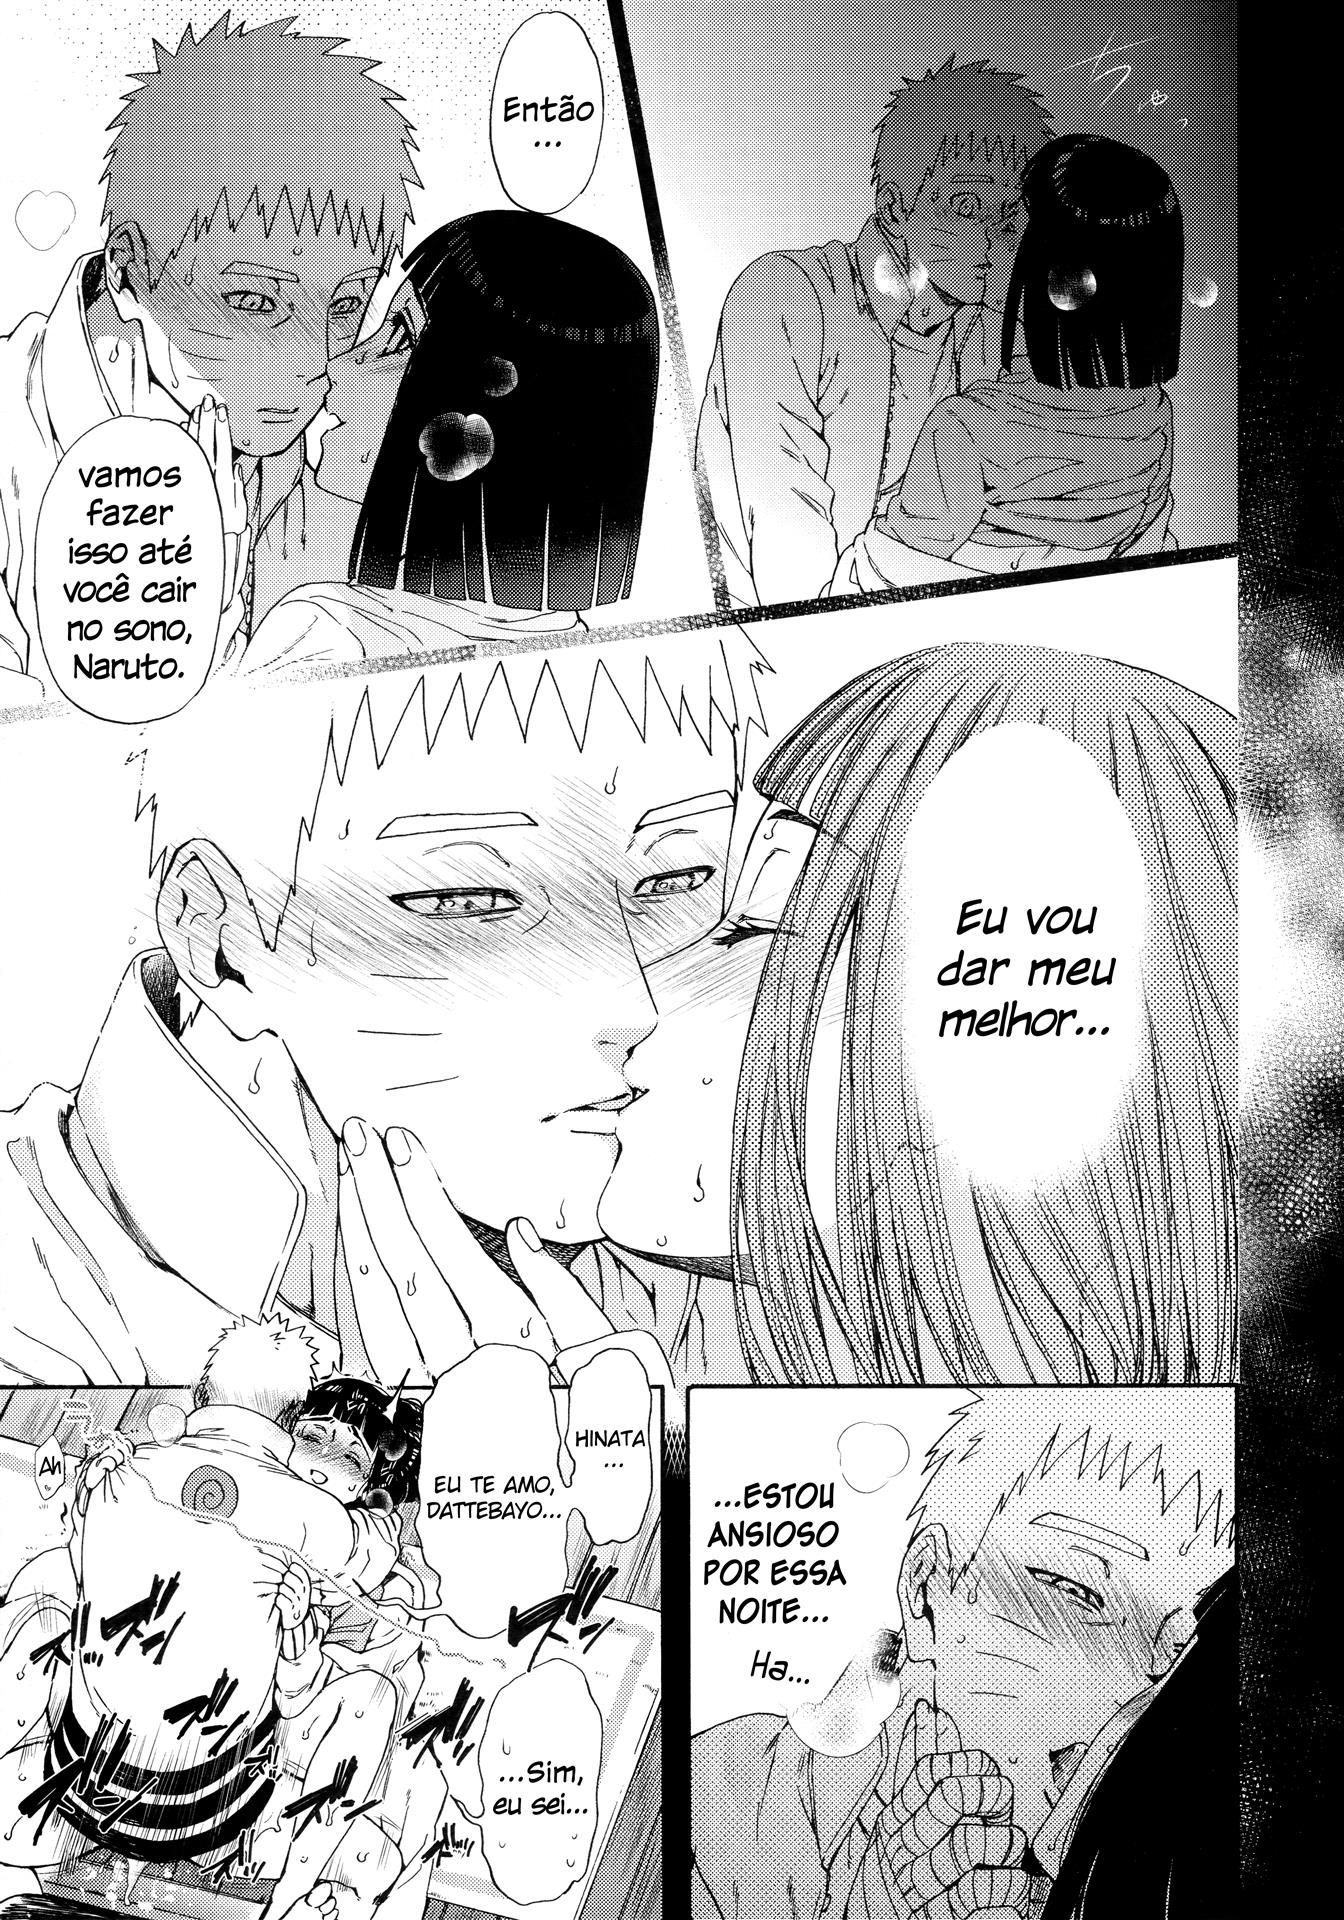 Aquela noite de amor com Hinata